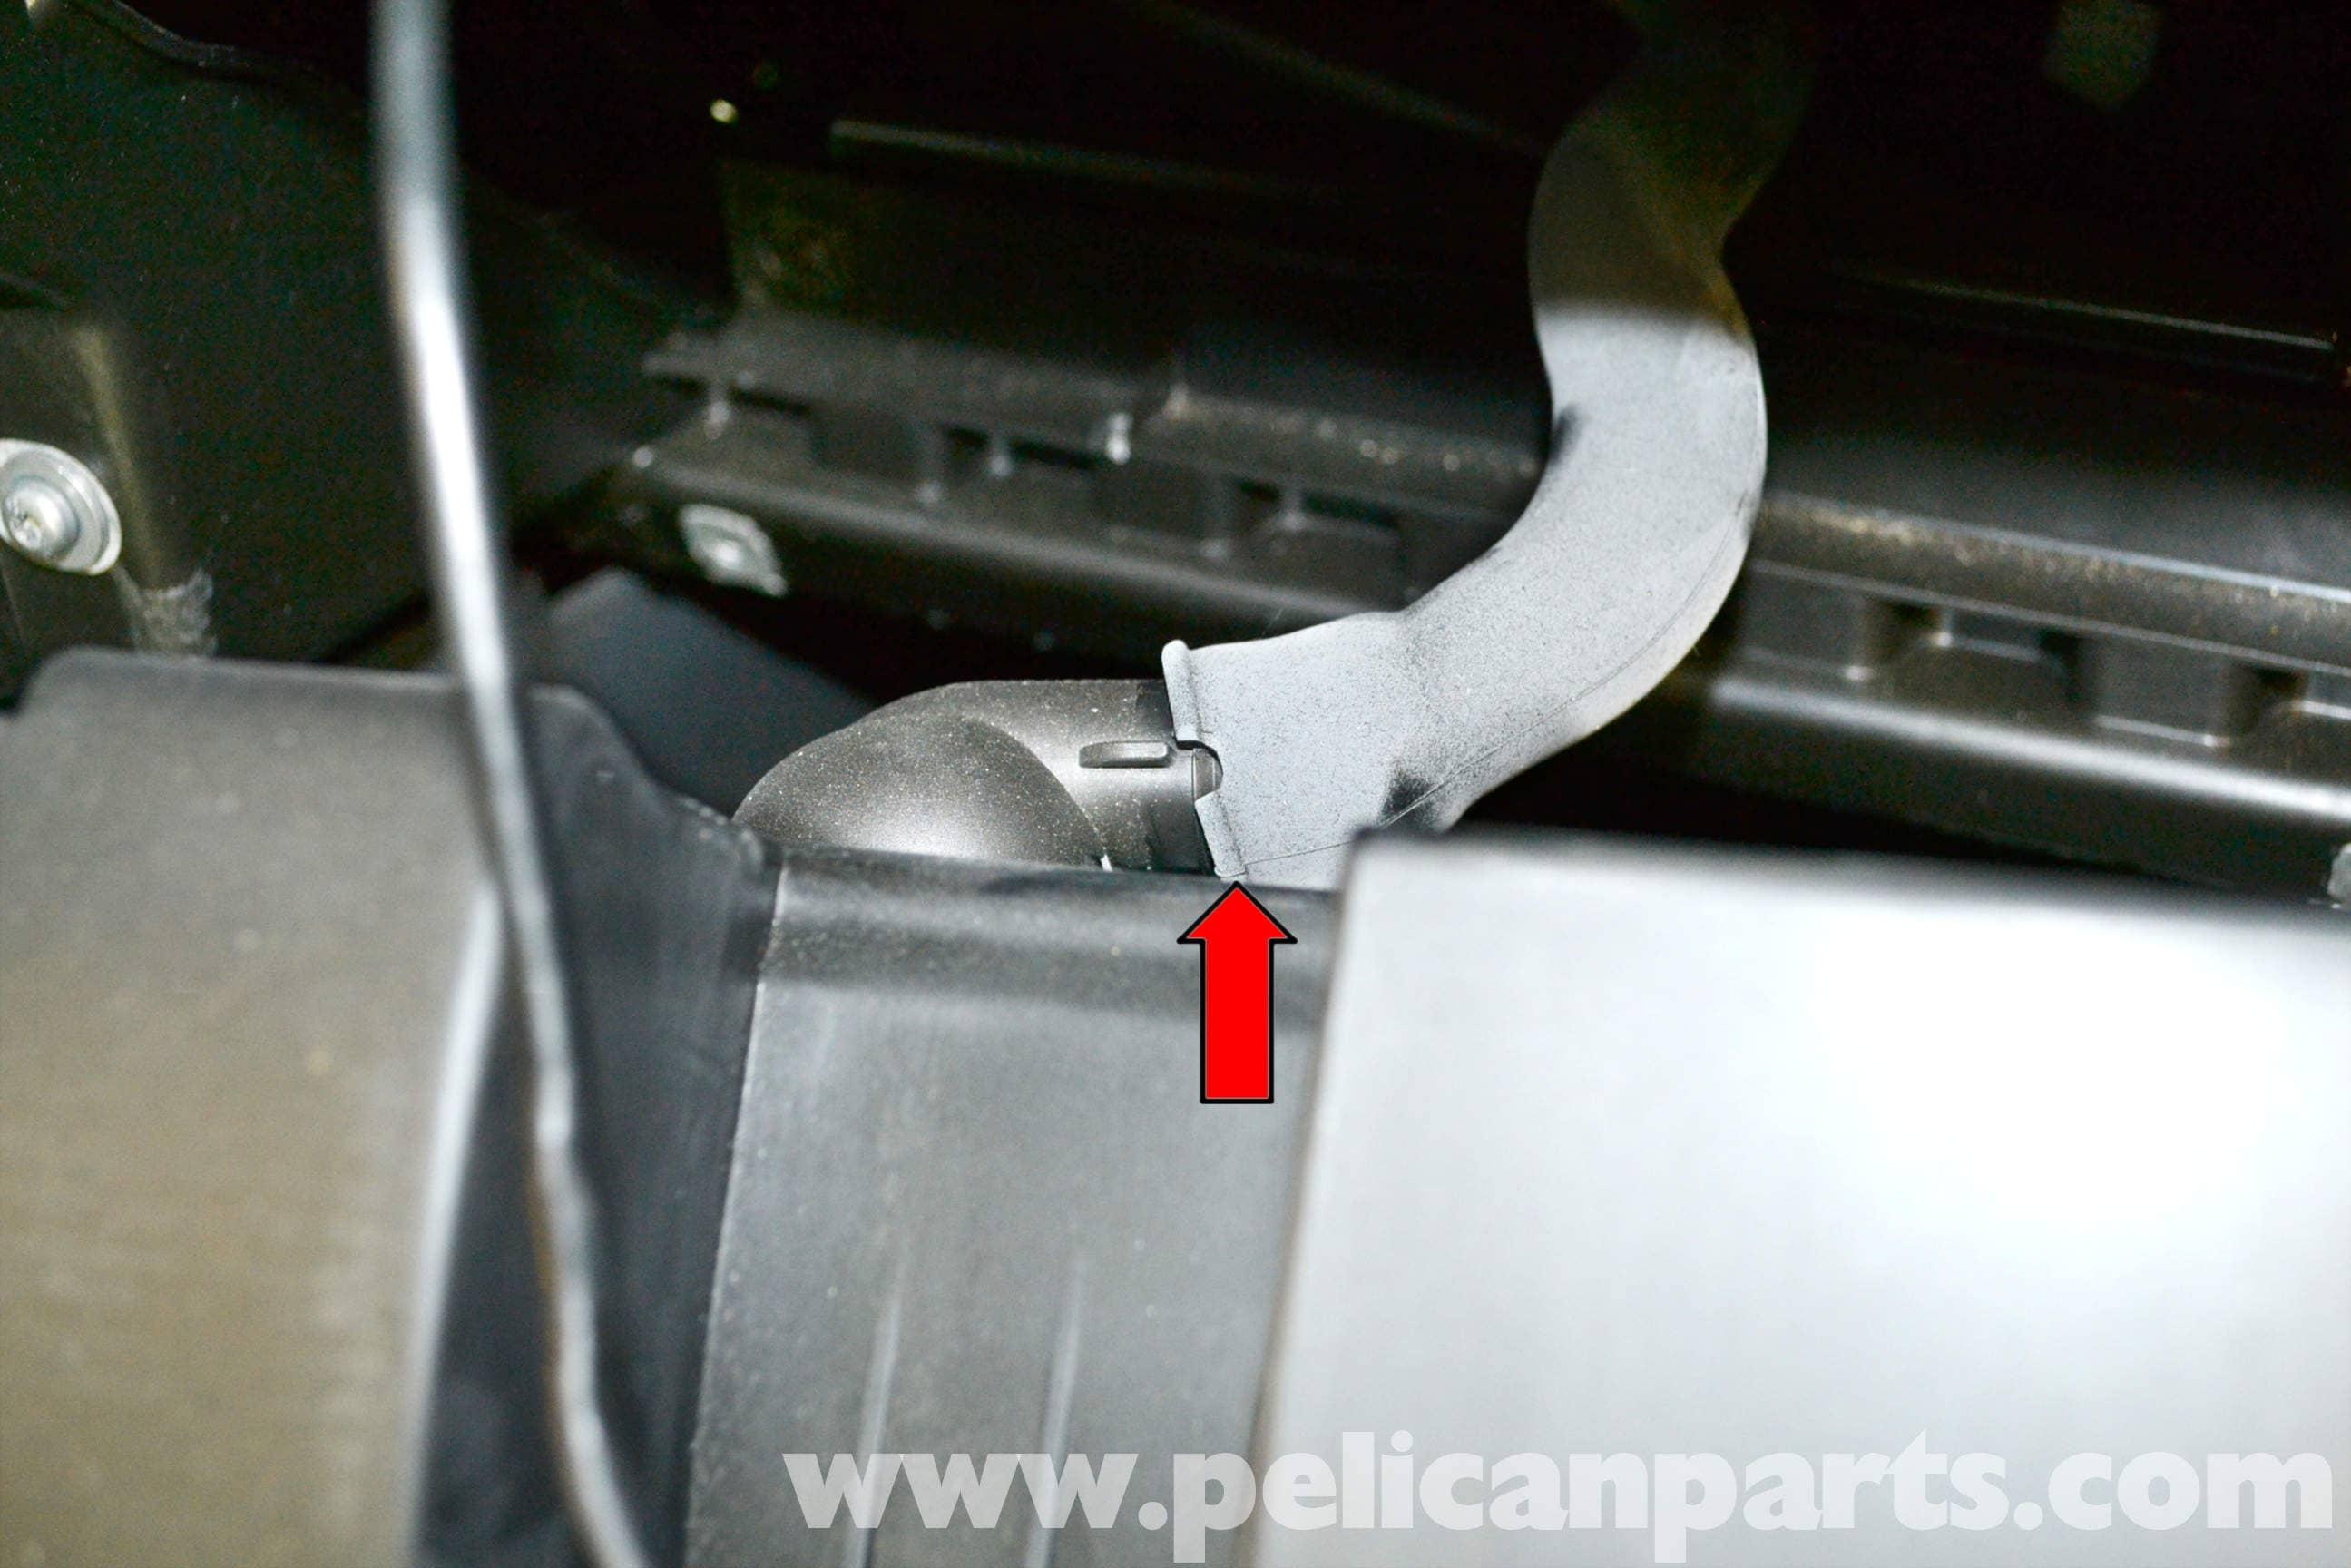 Volkswagen Golf GTI Mk V Glove Box Removal (2006-2009